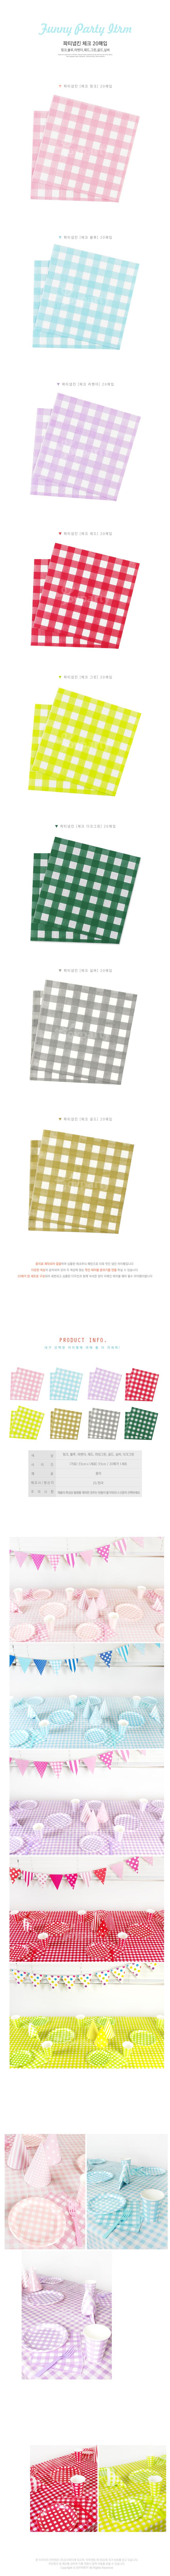 파티냅킨 33CM 체크 20매입 _partypang - 파티팡, 3,000원, 파티용품, 식기/테이블/세트